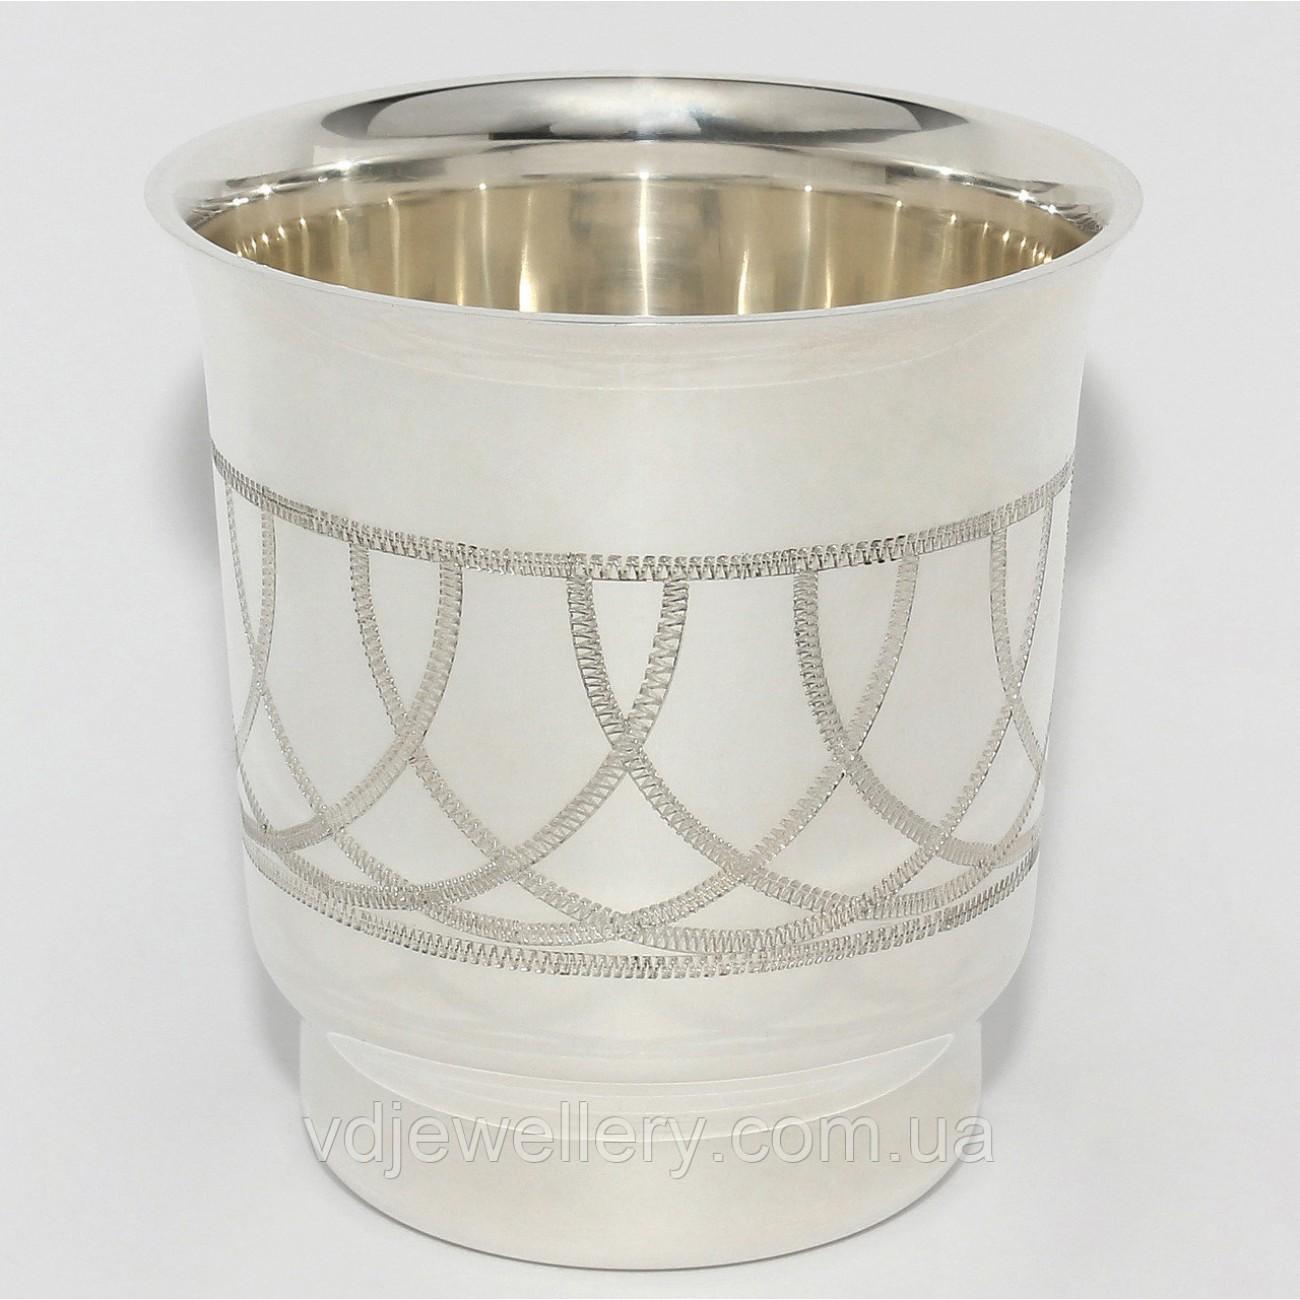 Серебряная стопка 925 проба 4ДЛ